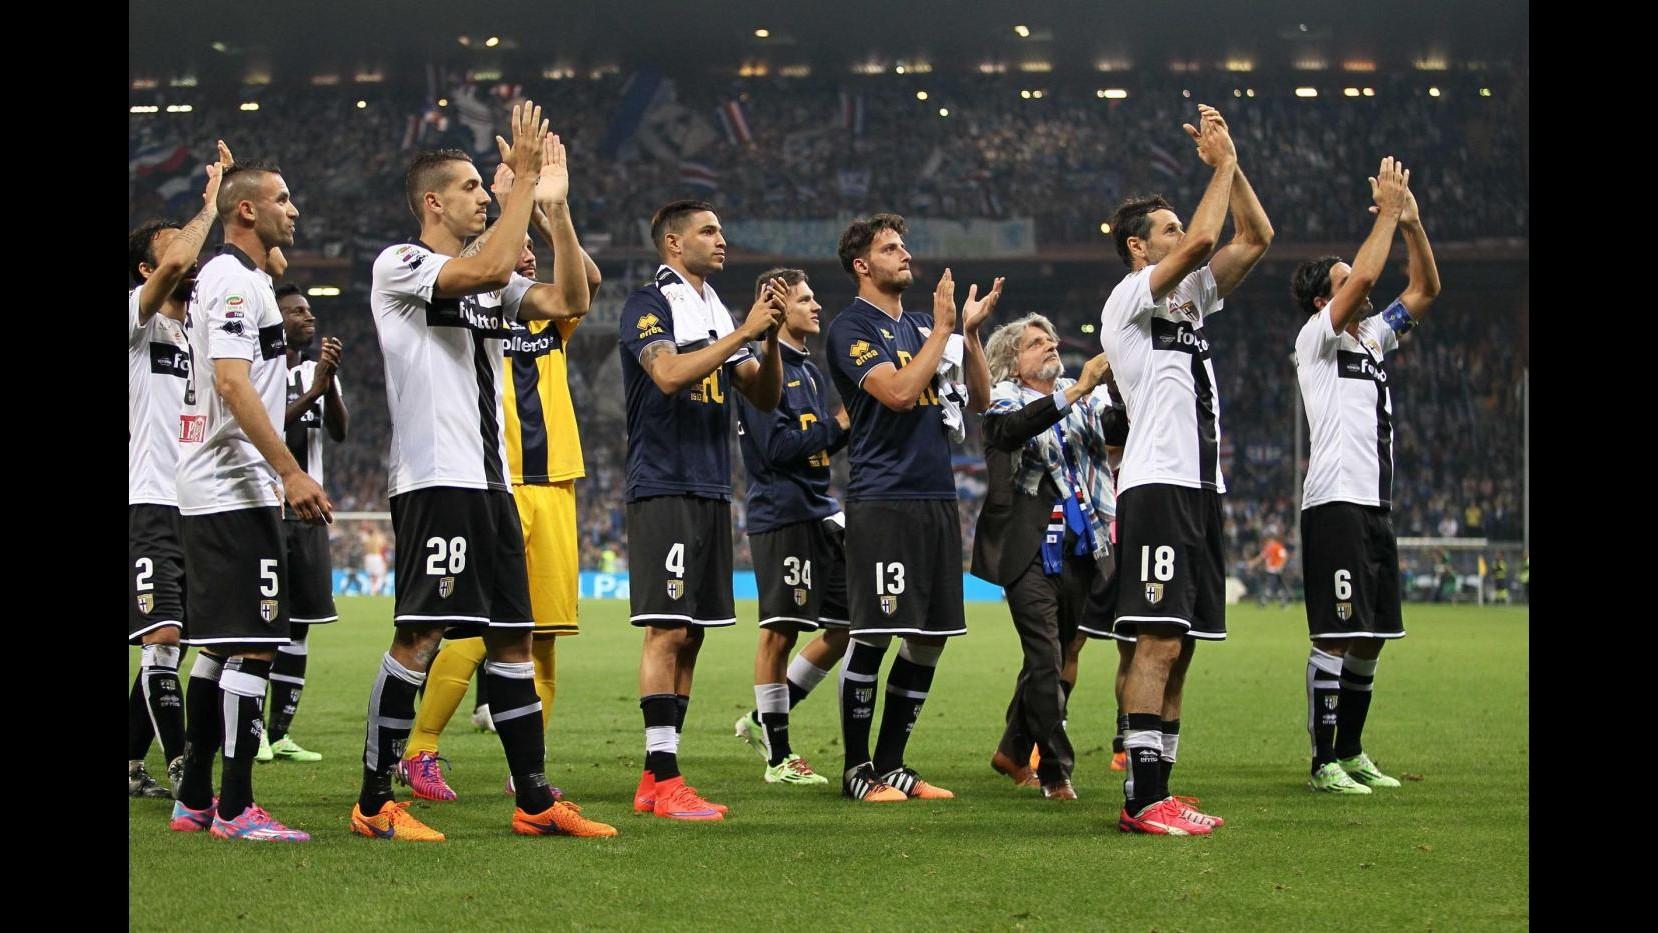 Nessuna offerta per l'acquisto: Parma dichiarato fallito